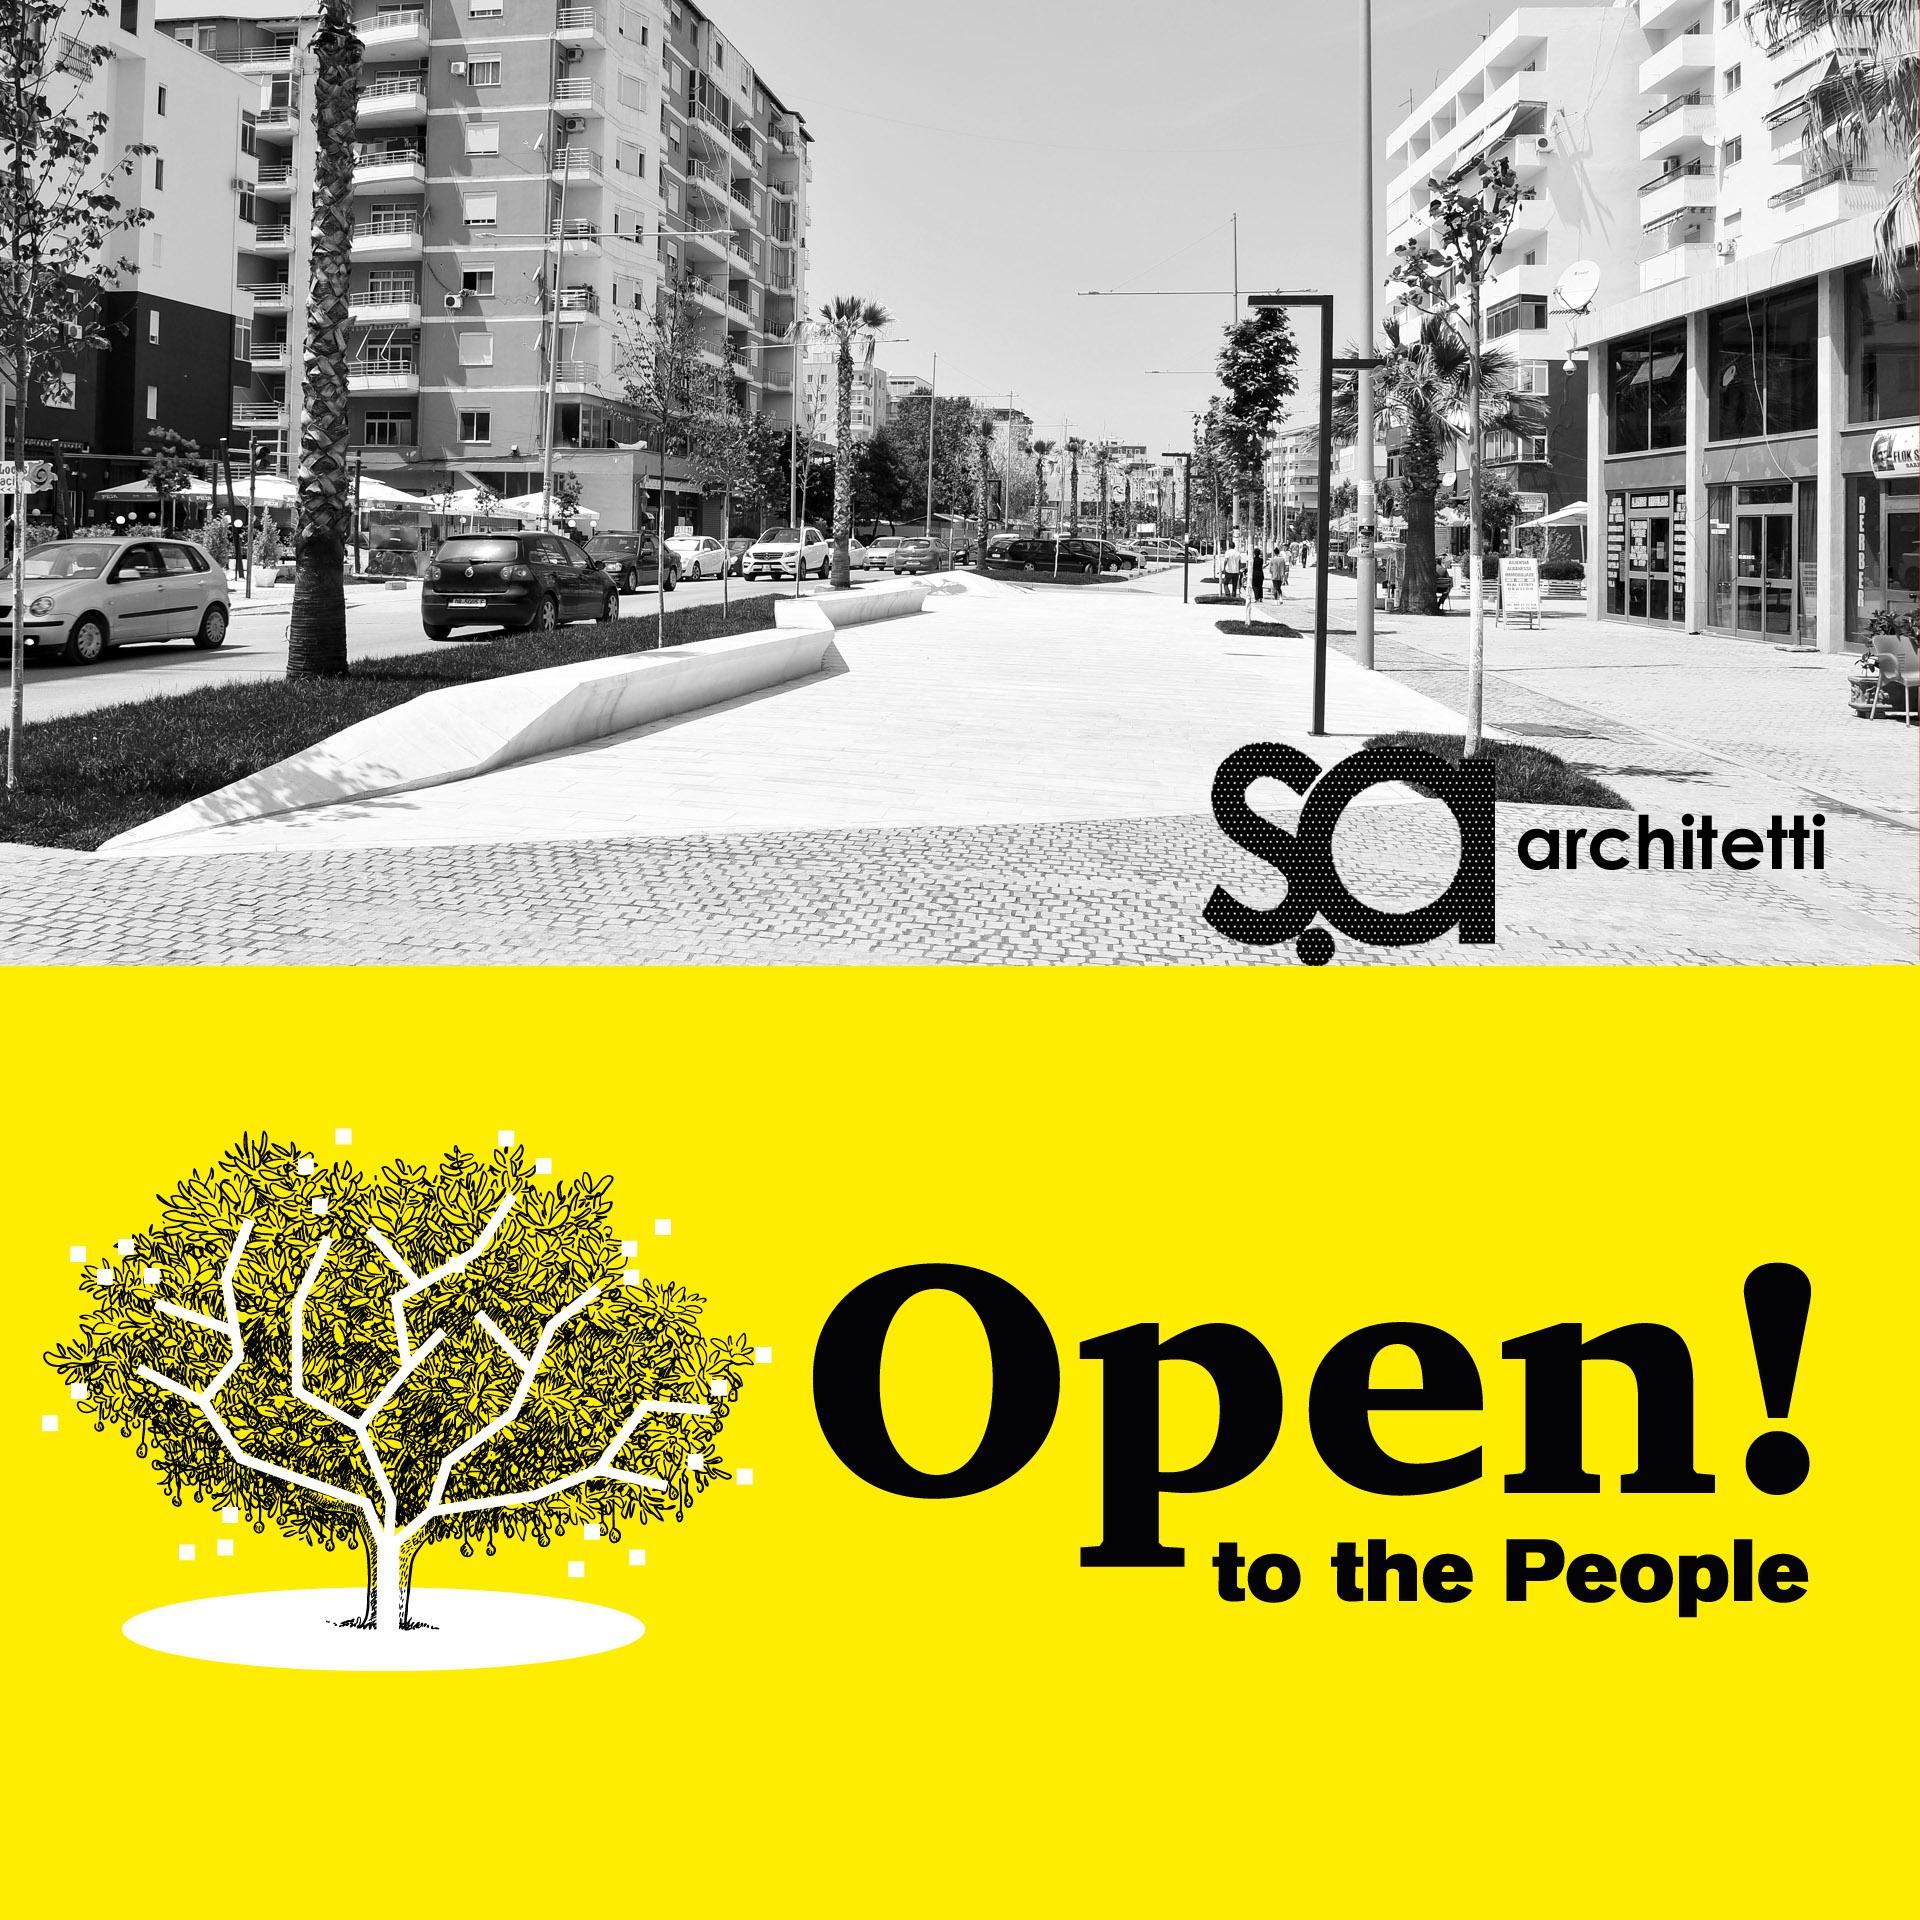 progetto urbano realizzato